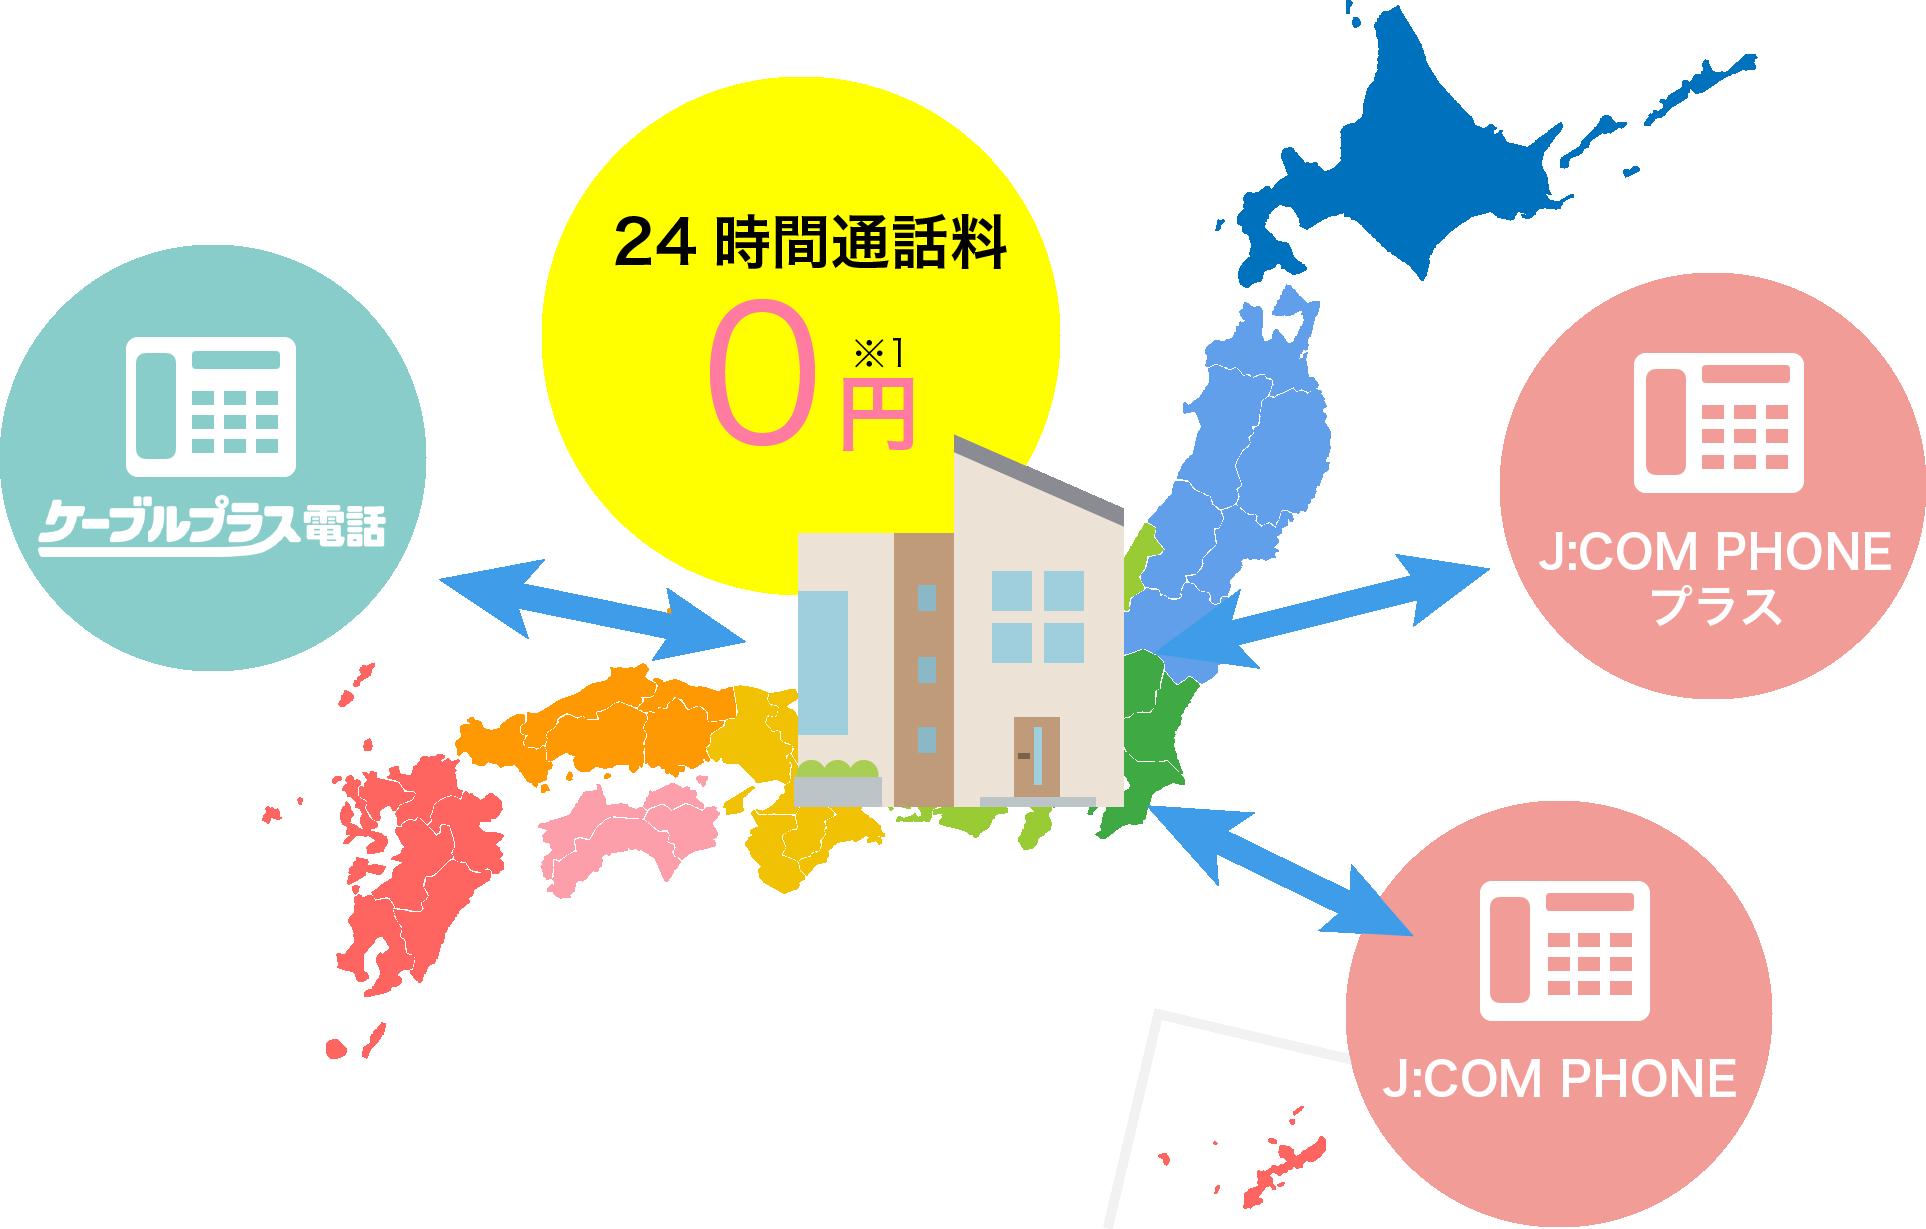 24時間通話料0円